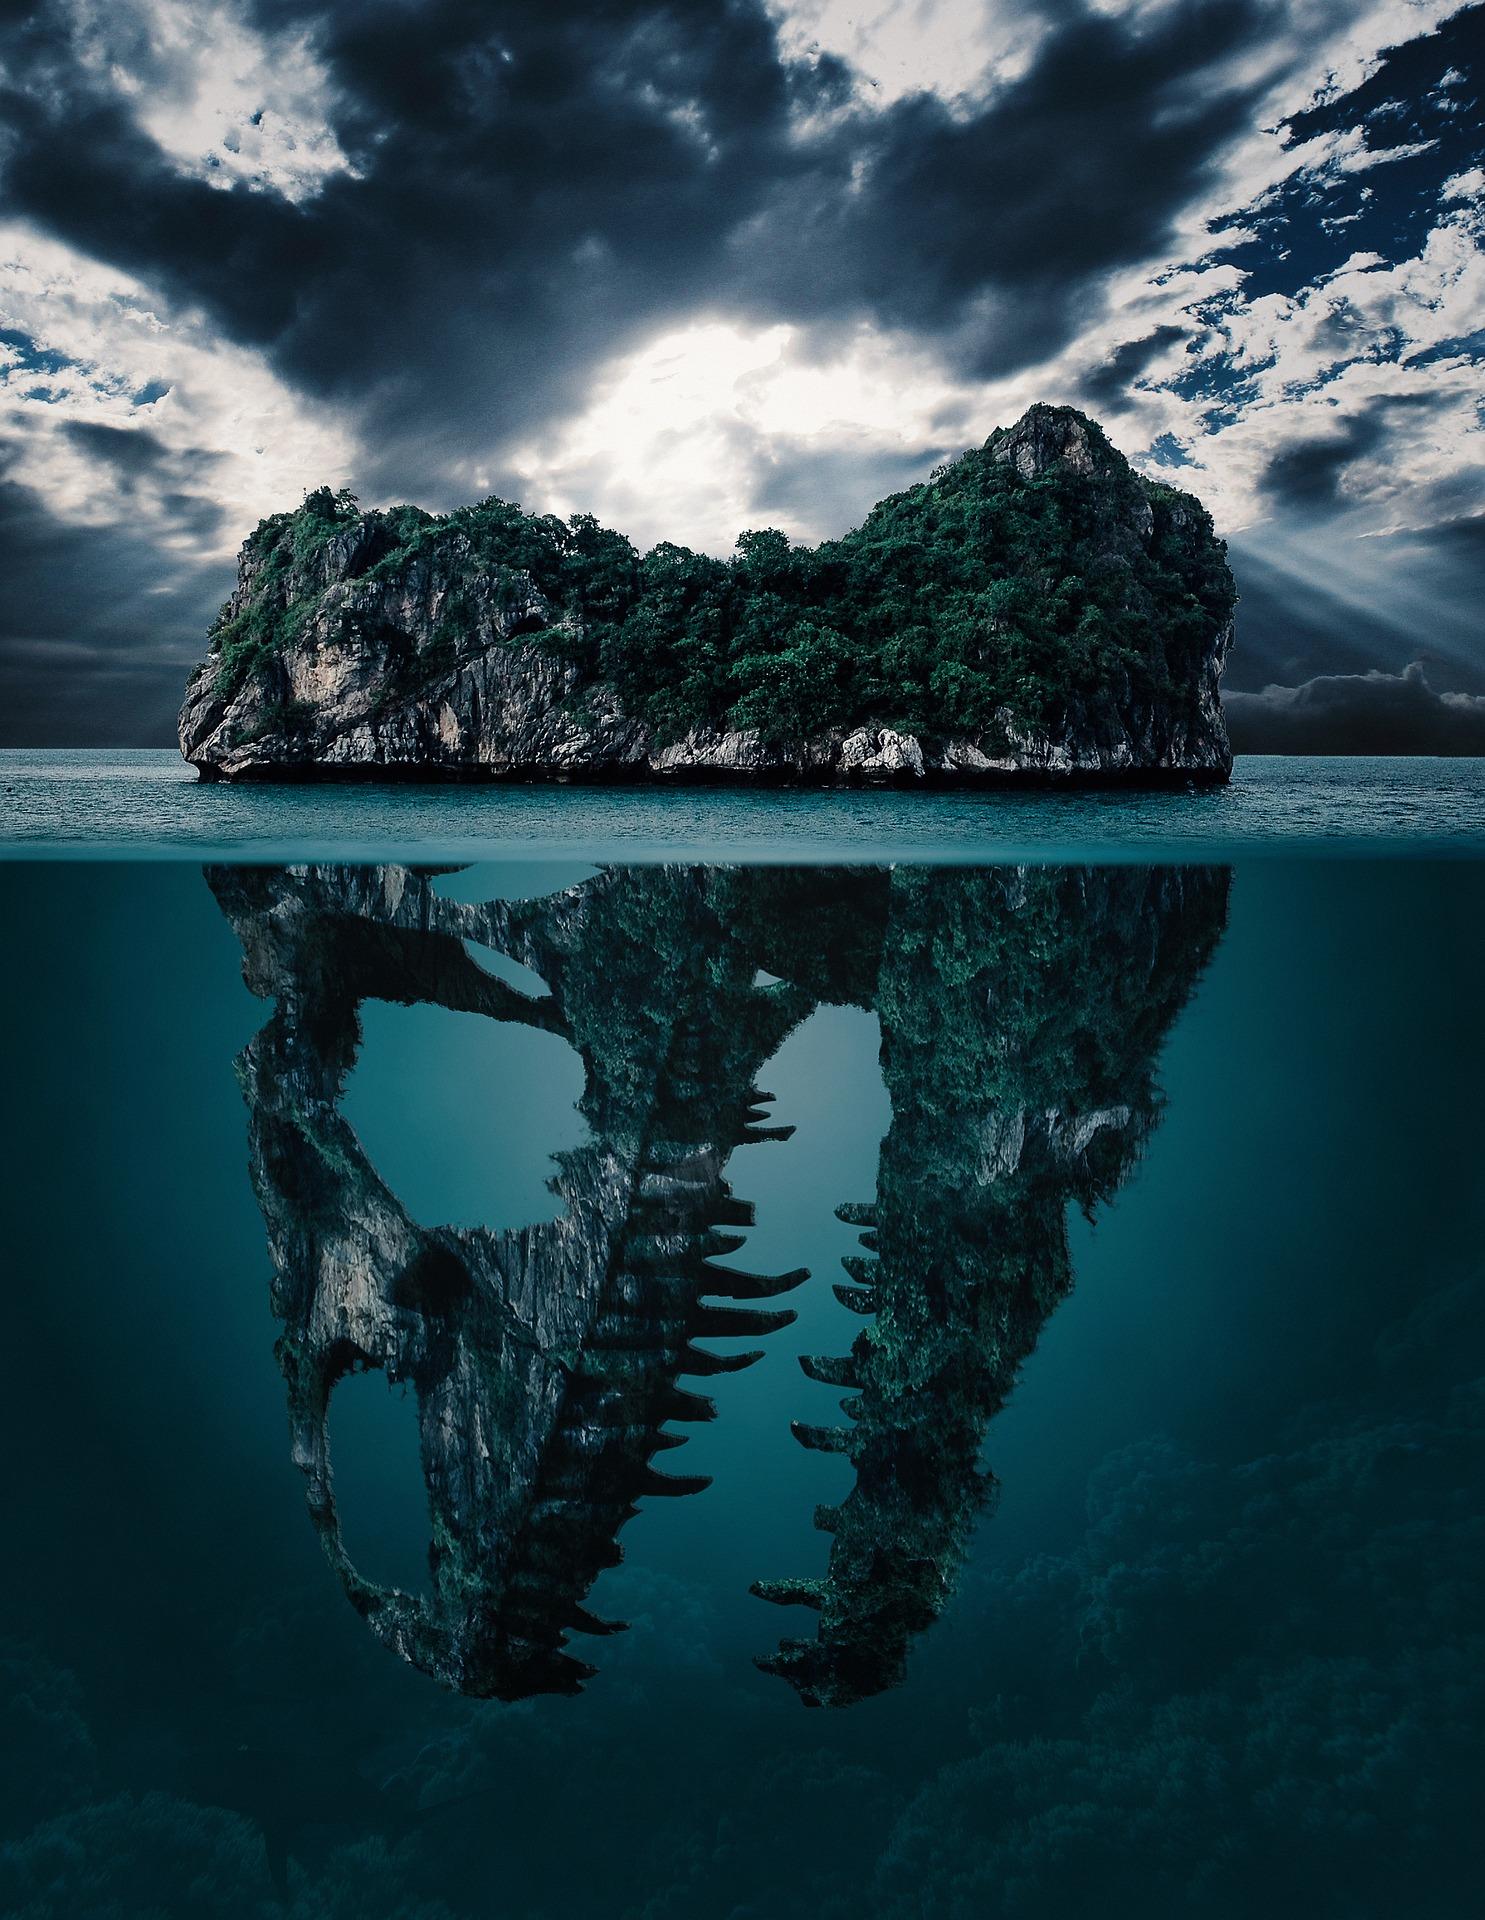 viziune parcă prin apă 2 este miopie sau hipermetropie